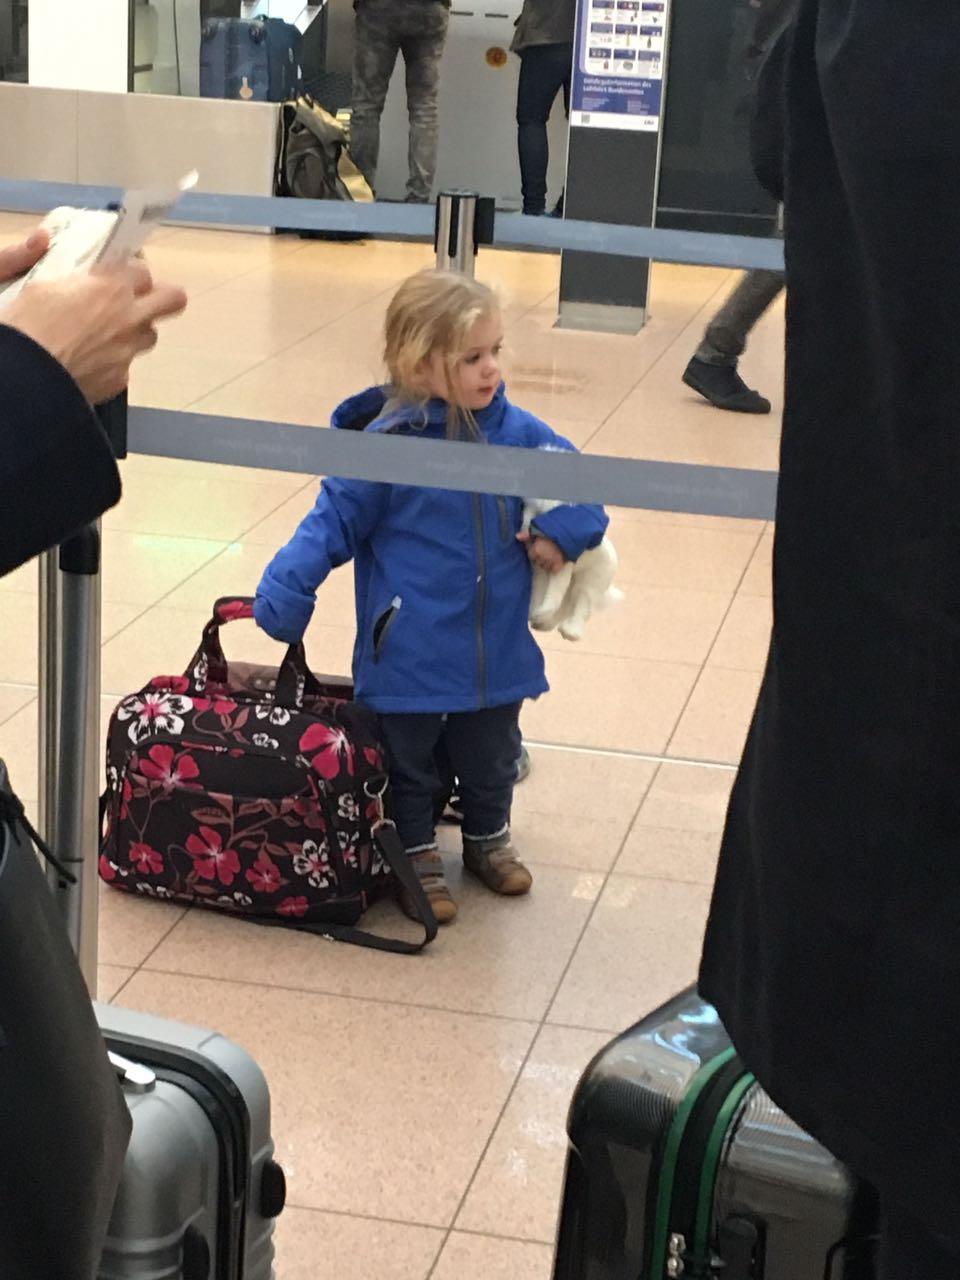 Man lotste uns aus der Schlange des Check-In-Schalters von KLM - wir sollten unseren Check-In am Automaten vollziehen und das neue Self-Baggage ausprobieren. Dass wir die Versuchskaninchen waren, sagte uns keiner!